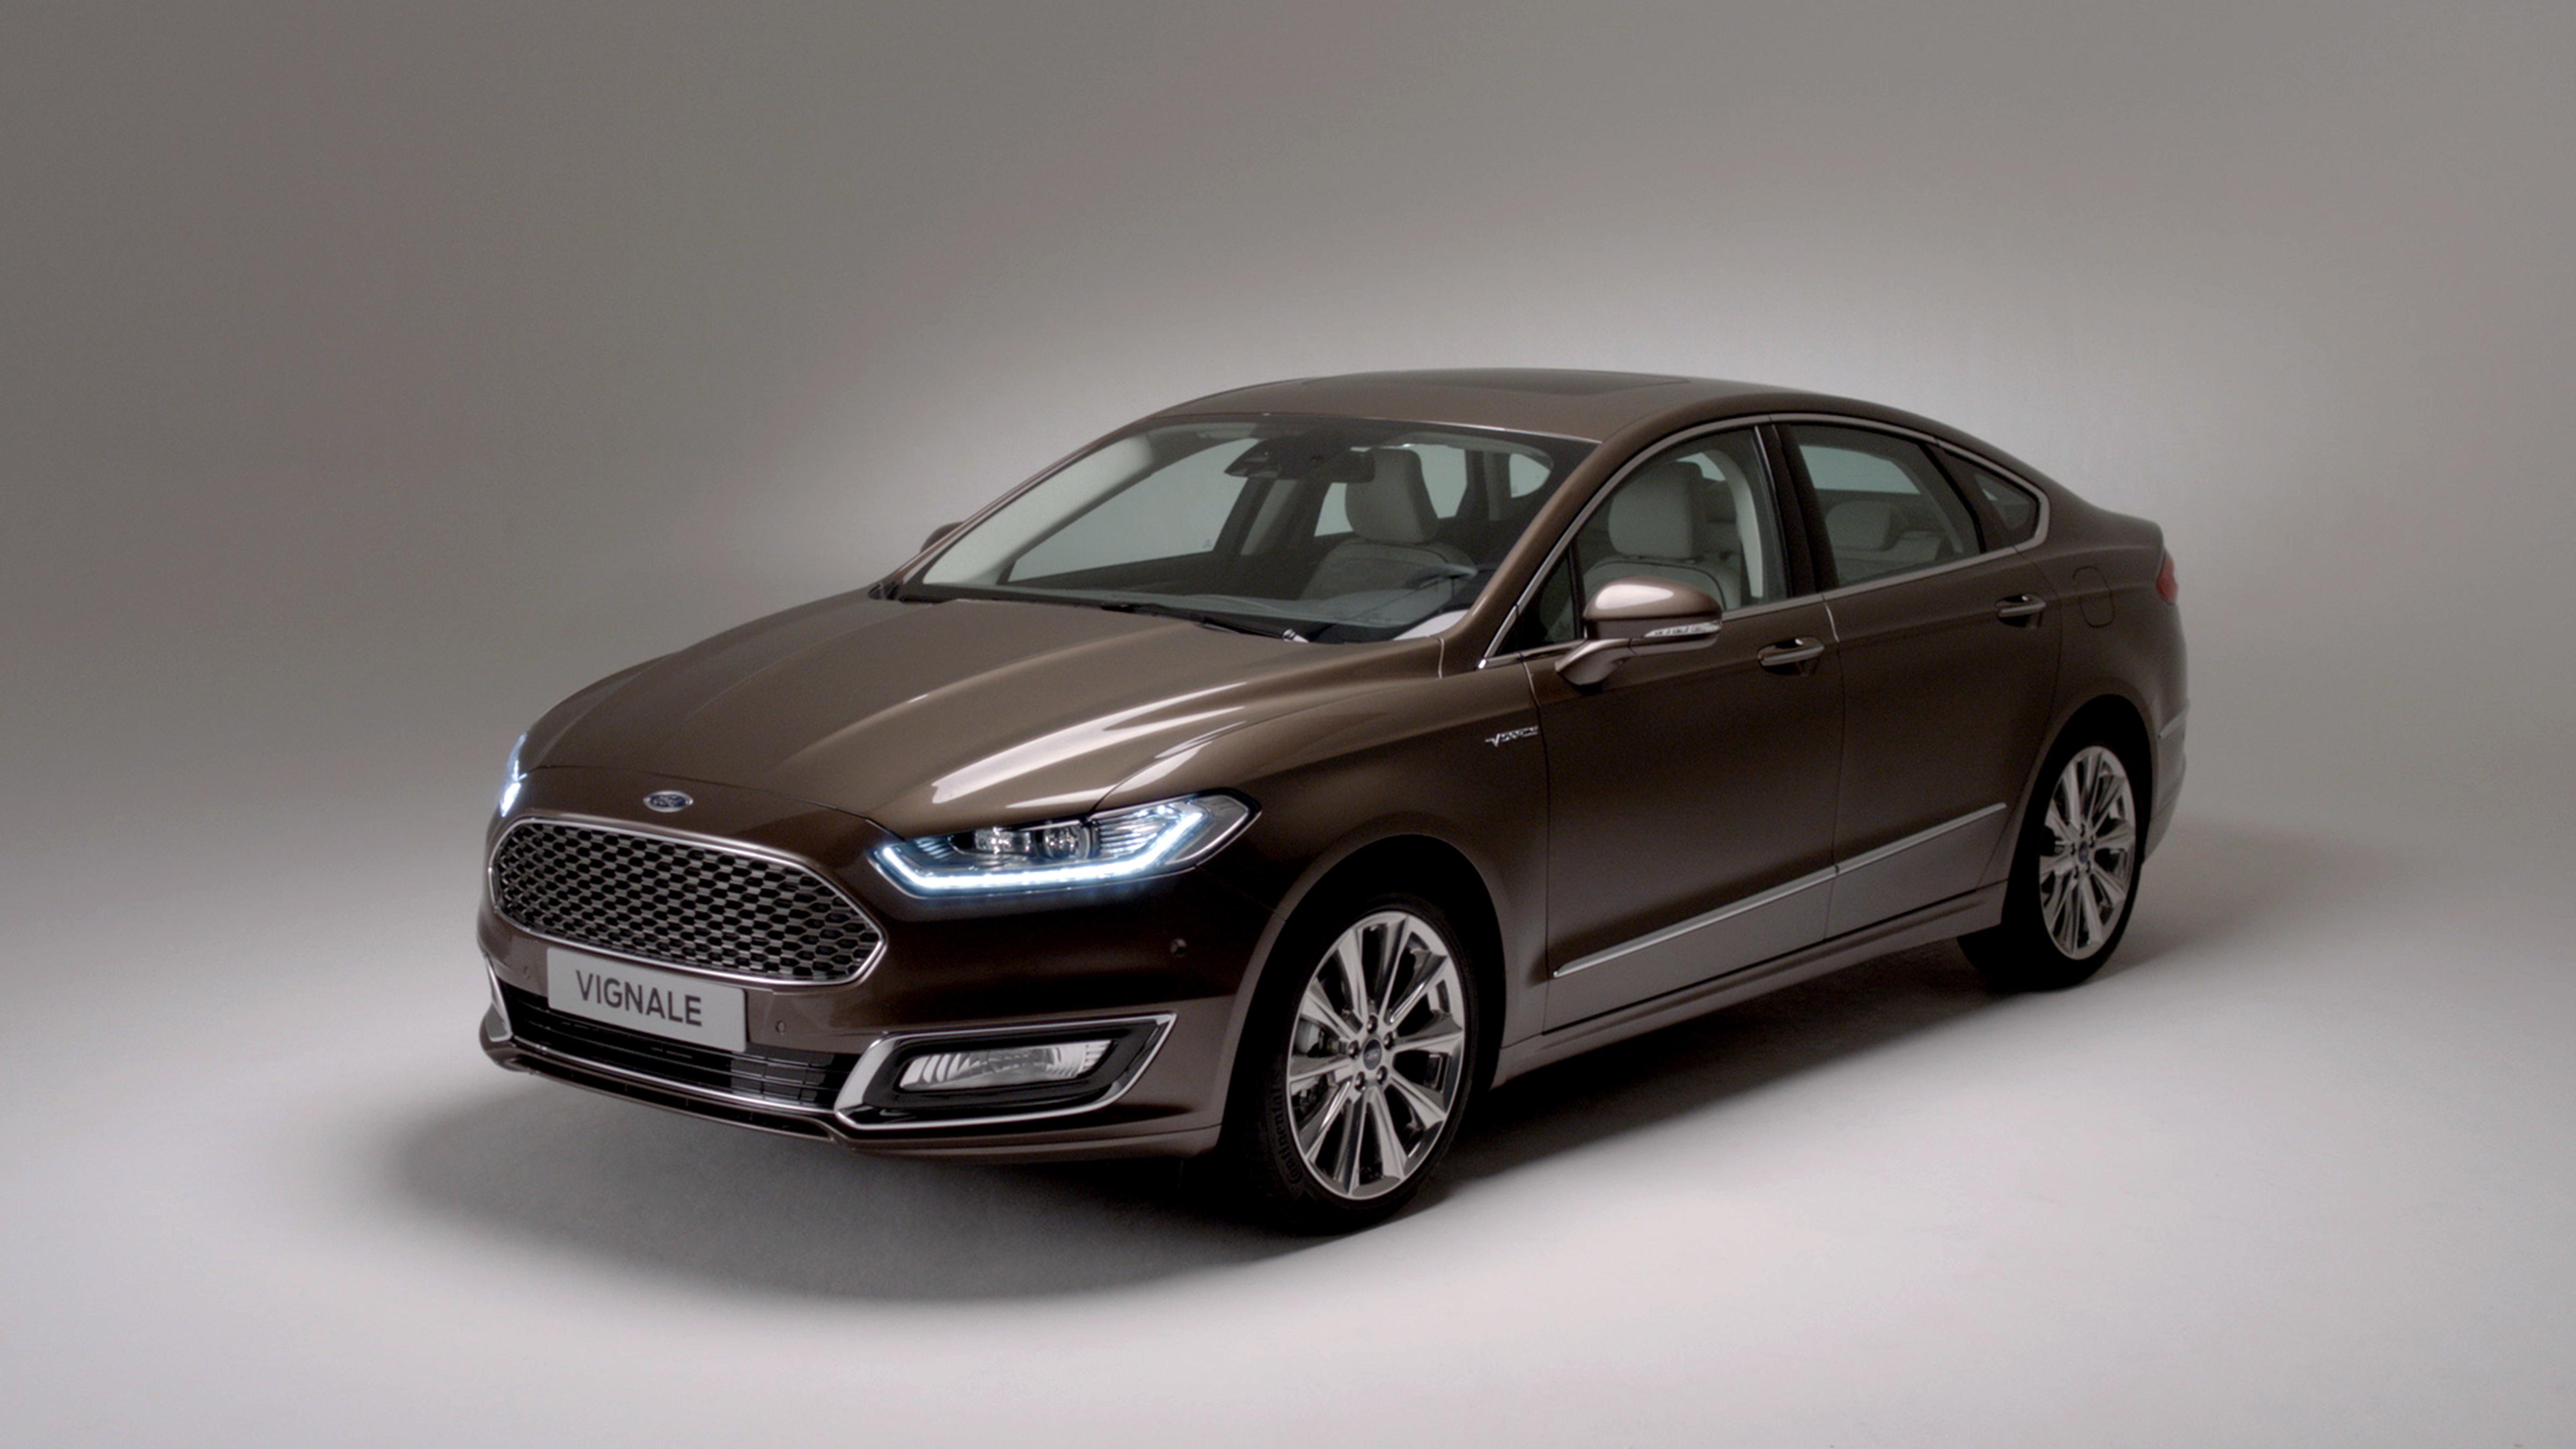 """Ford setzt mit """"Vignale"""" auf italienischen Luxus - Automotive Opinion"""